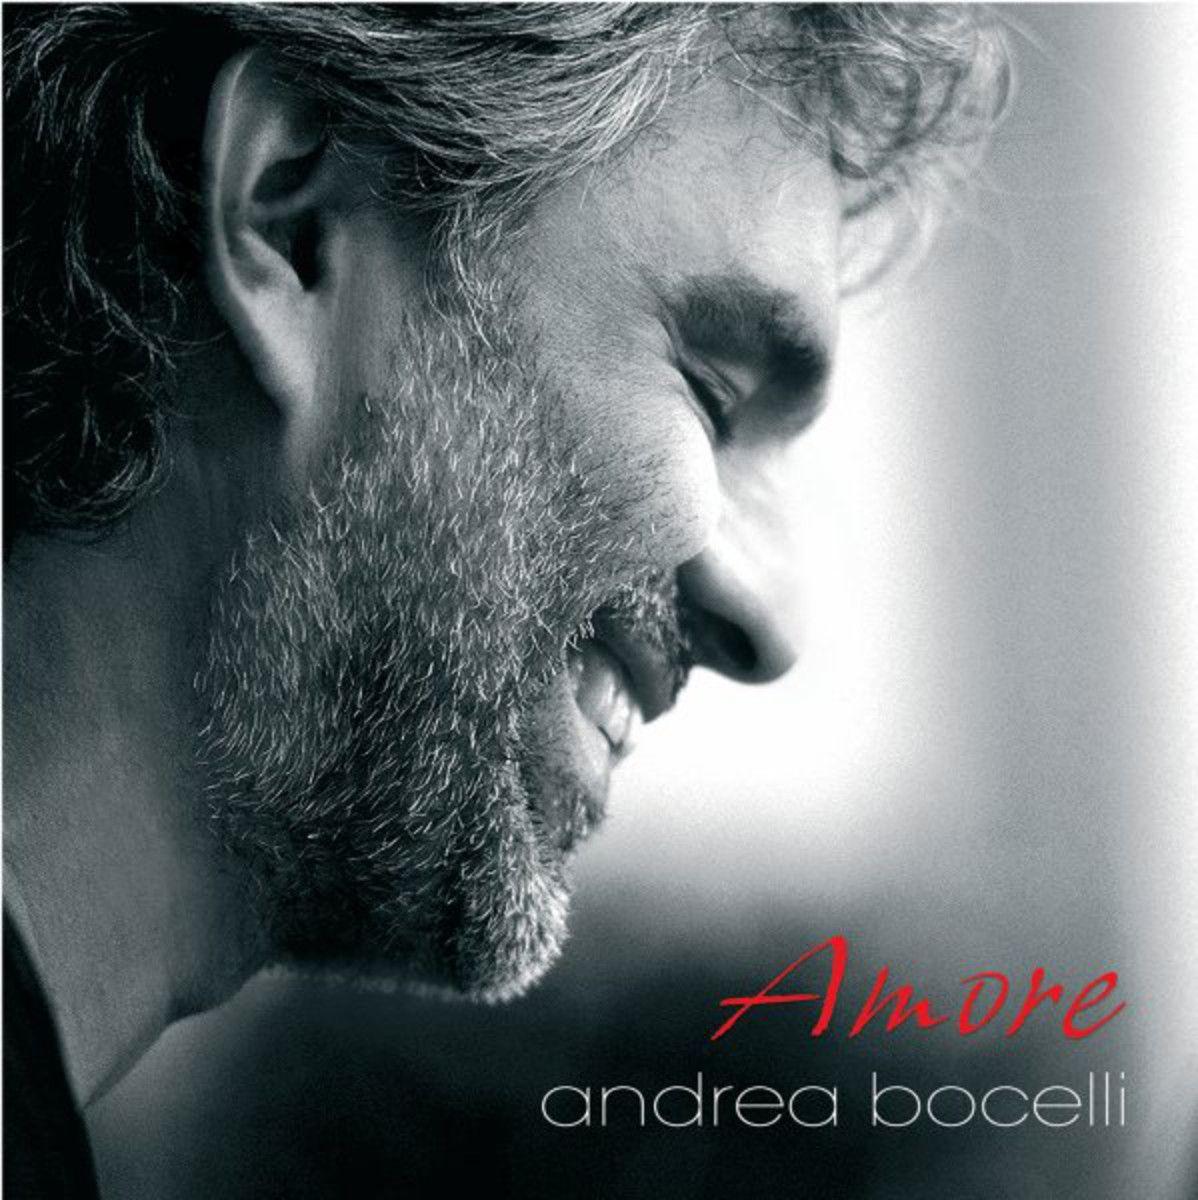 Andrea Bocelli - Amore album cover